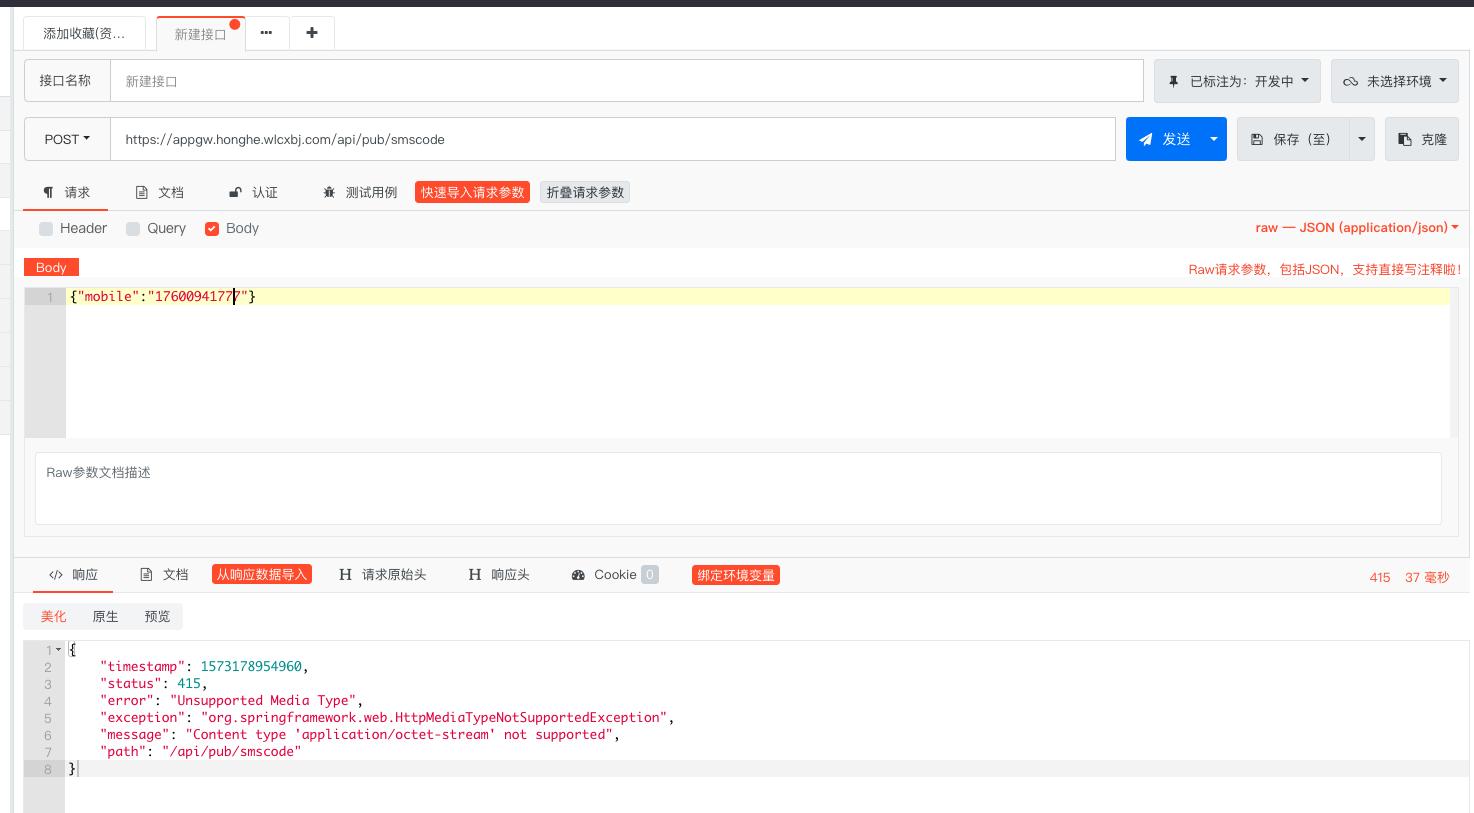 ApiPost的网页端和Mac端的响应结果不一样